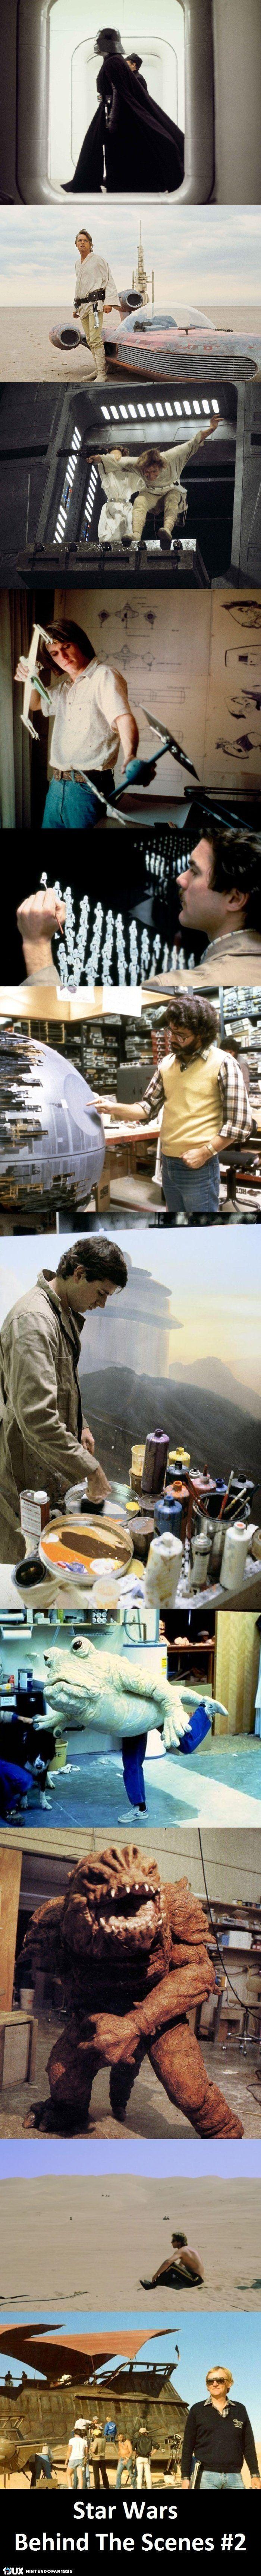 Star Wars Behind The Scenes #2